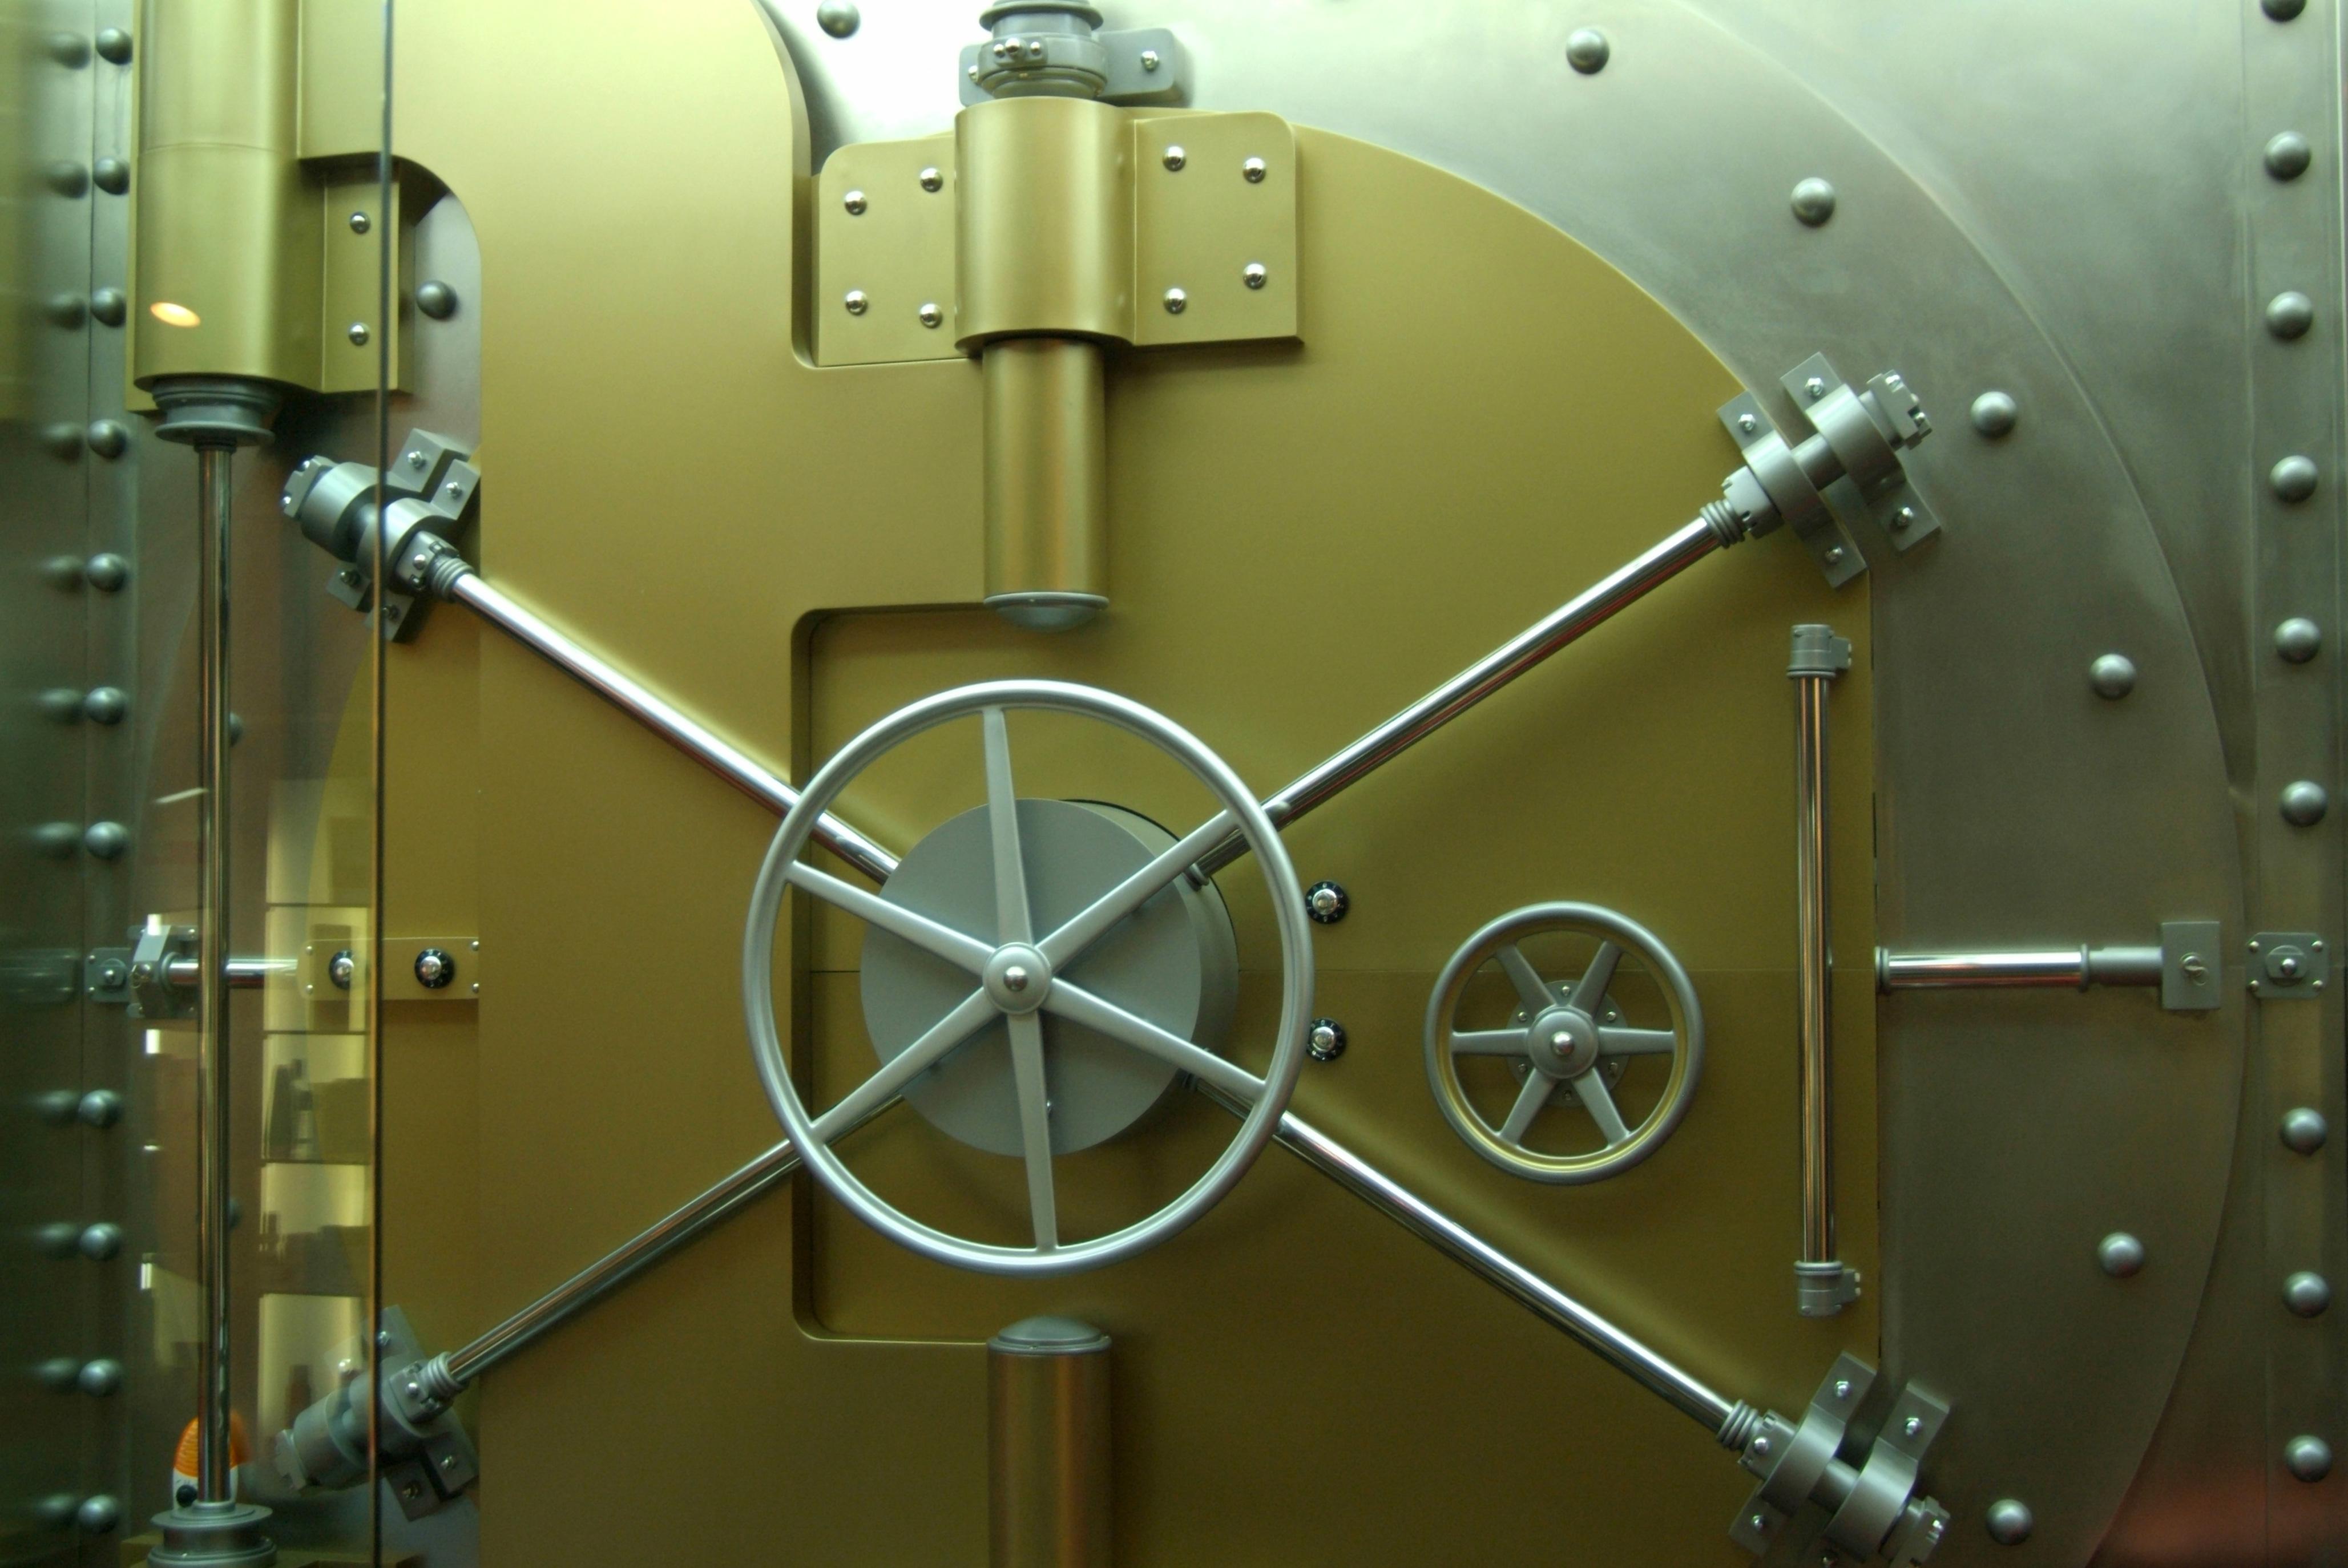 bank vault door exterior adam crowley 900—675